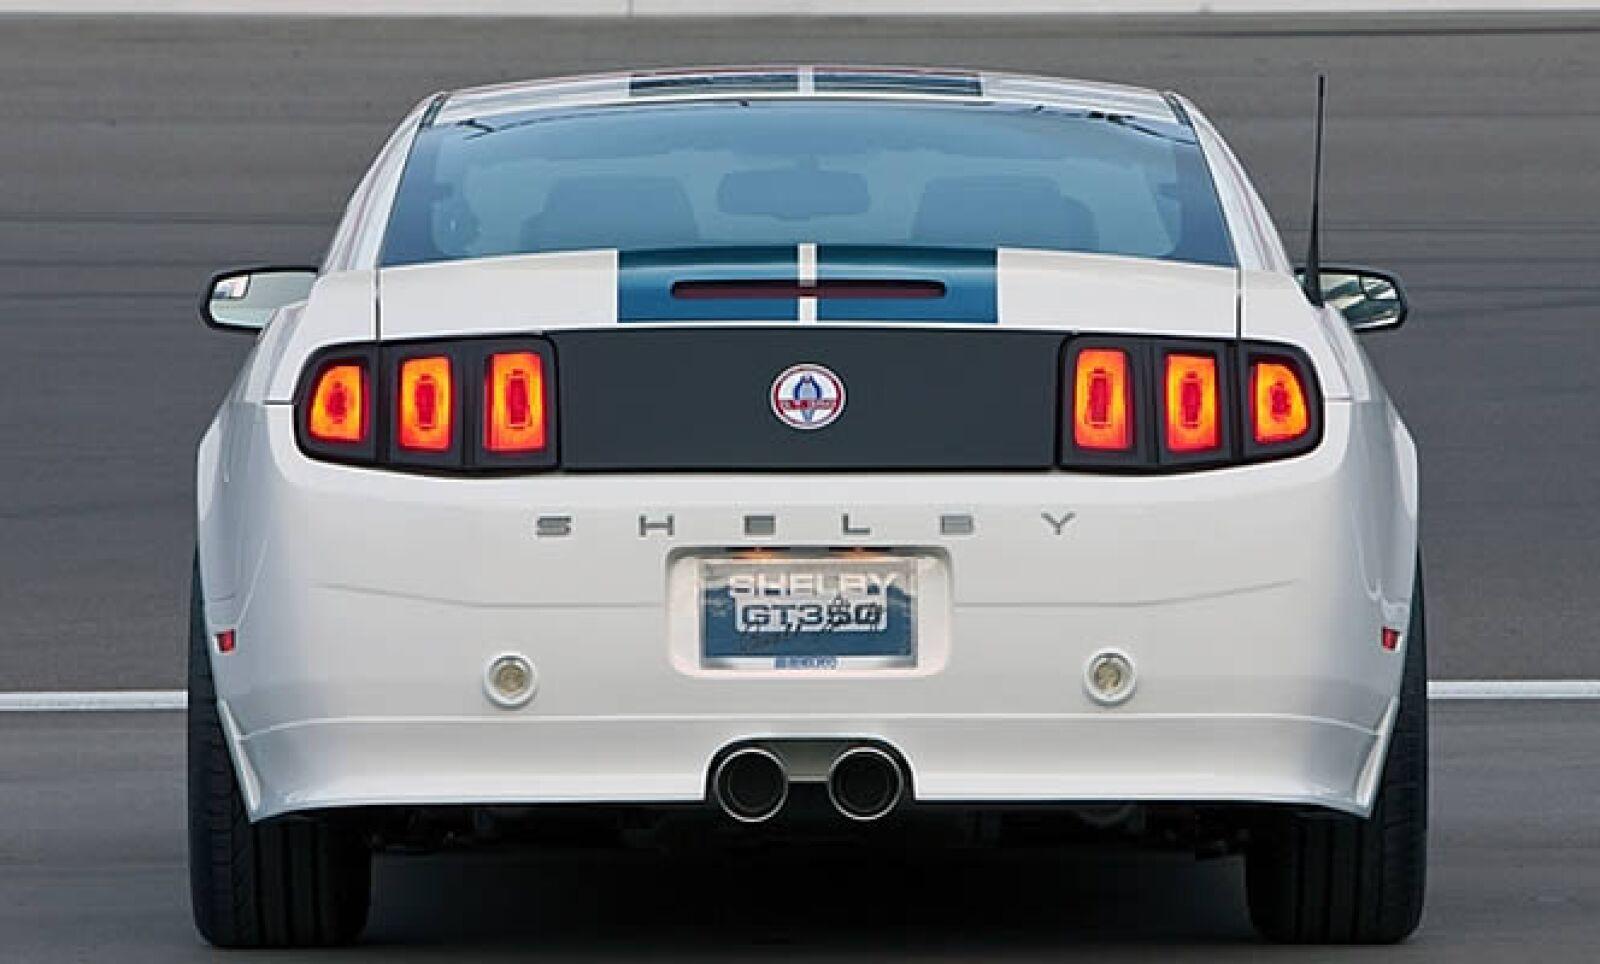 Este GT350 tiene una fascia delantera ancha, escape grande al centro de la parte trasera y marcas e insignias especiales de Shelby GT350.